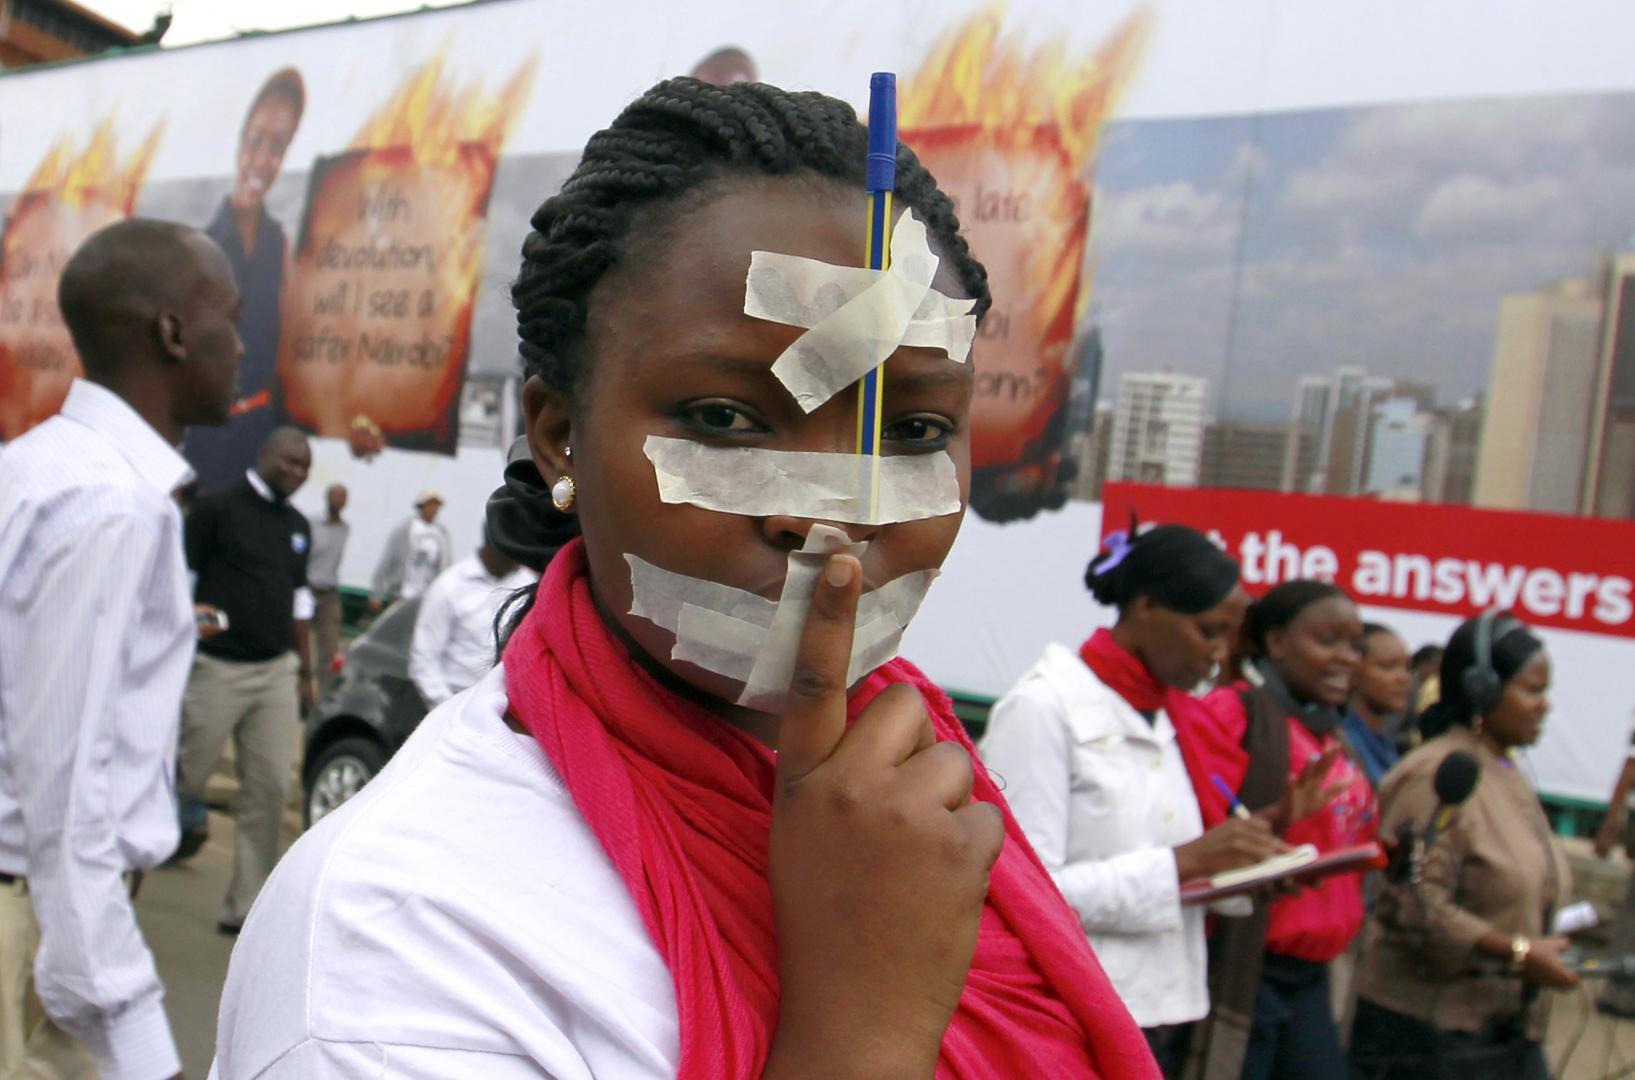 Mwandishi wa habari nchini Kenya akishiriki katika maandamano katika mji mkuu, Nairobi dhidi ya sheria mpya ya kibabe inayokandamiza uhuru wa vyombo vya habari iliyowasilishwa bungeni, tarehe 3 Desemba 2013.